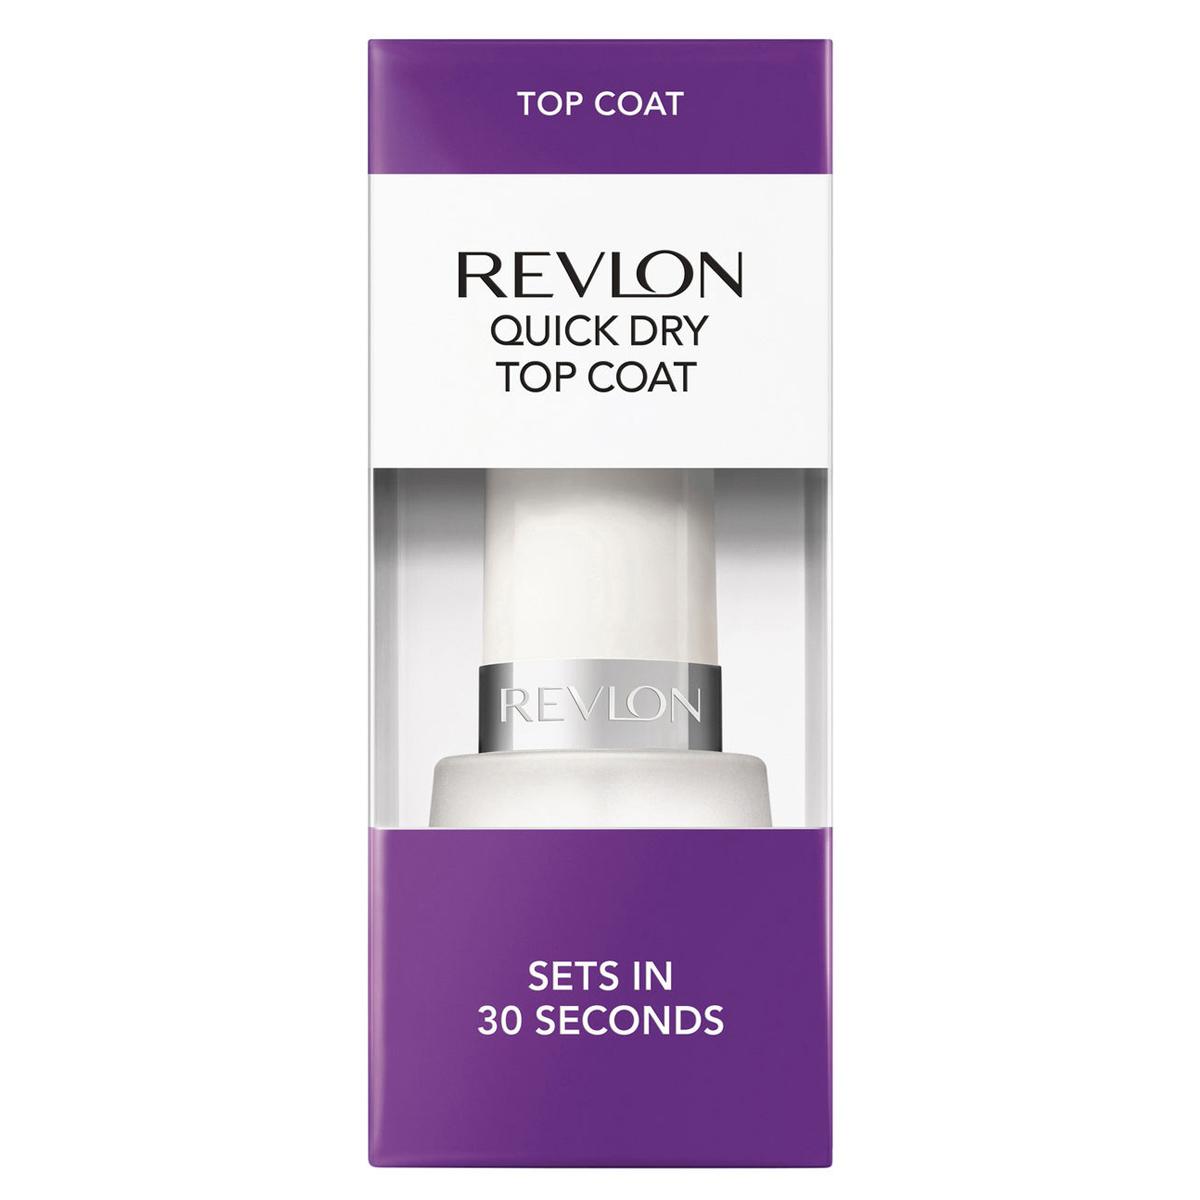 Revlon - Quick Dry Top Coat - Soin Fixateur